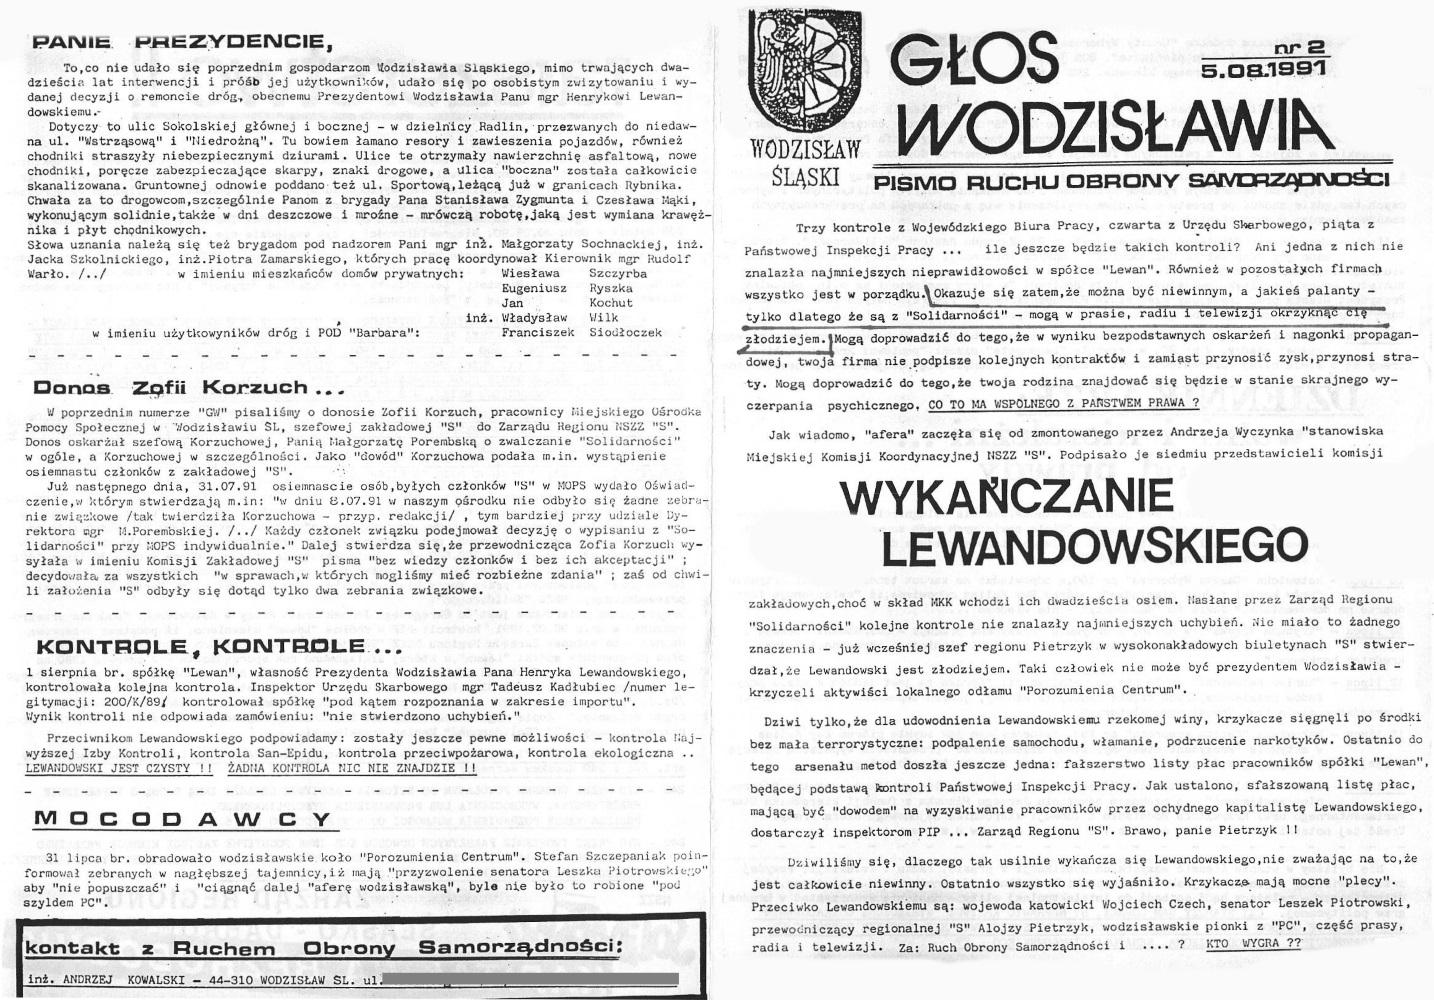 1991-07-30_Glos_Wodzislawia_3 Głos Wodzisławia